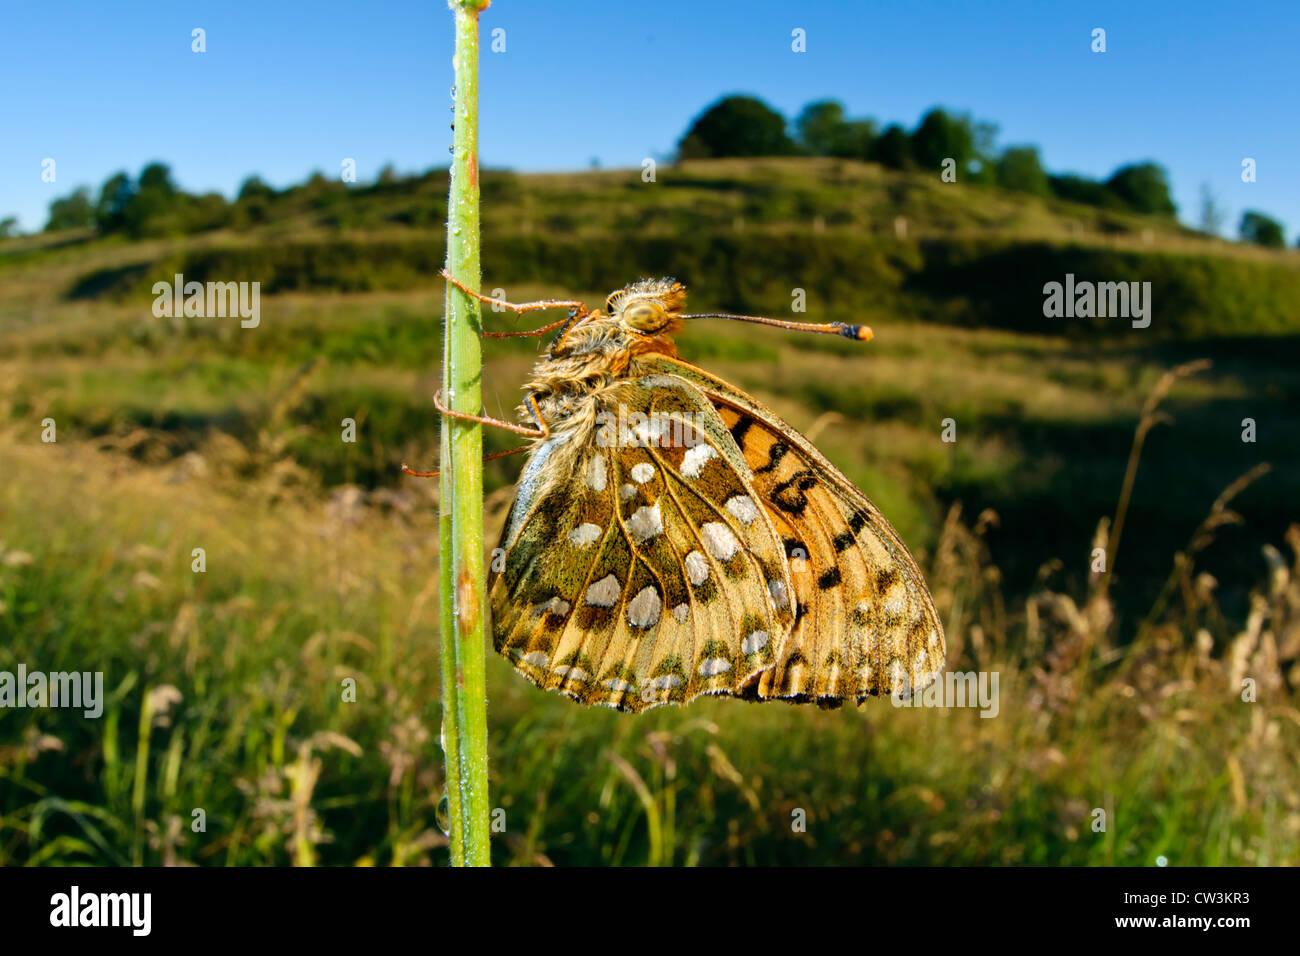 Dark green fritillary butterfly in a grassy habitat - Stock Image